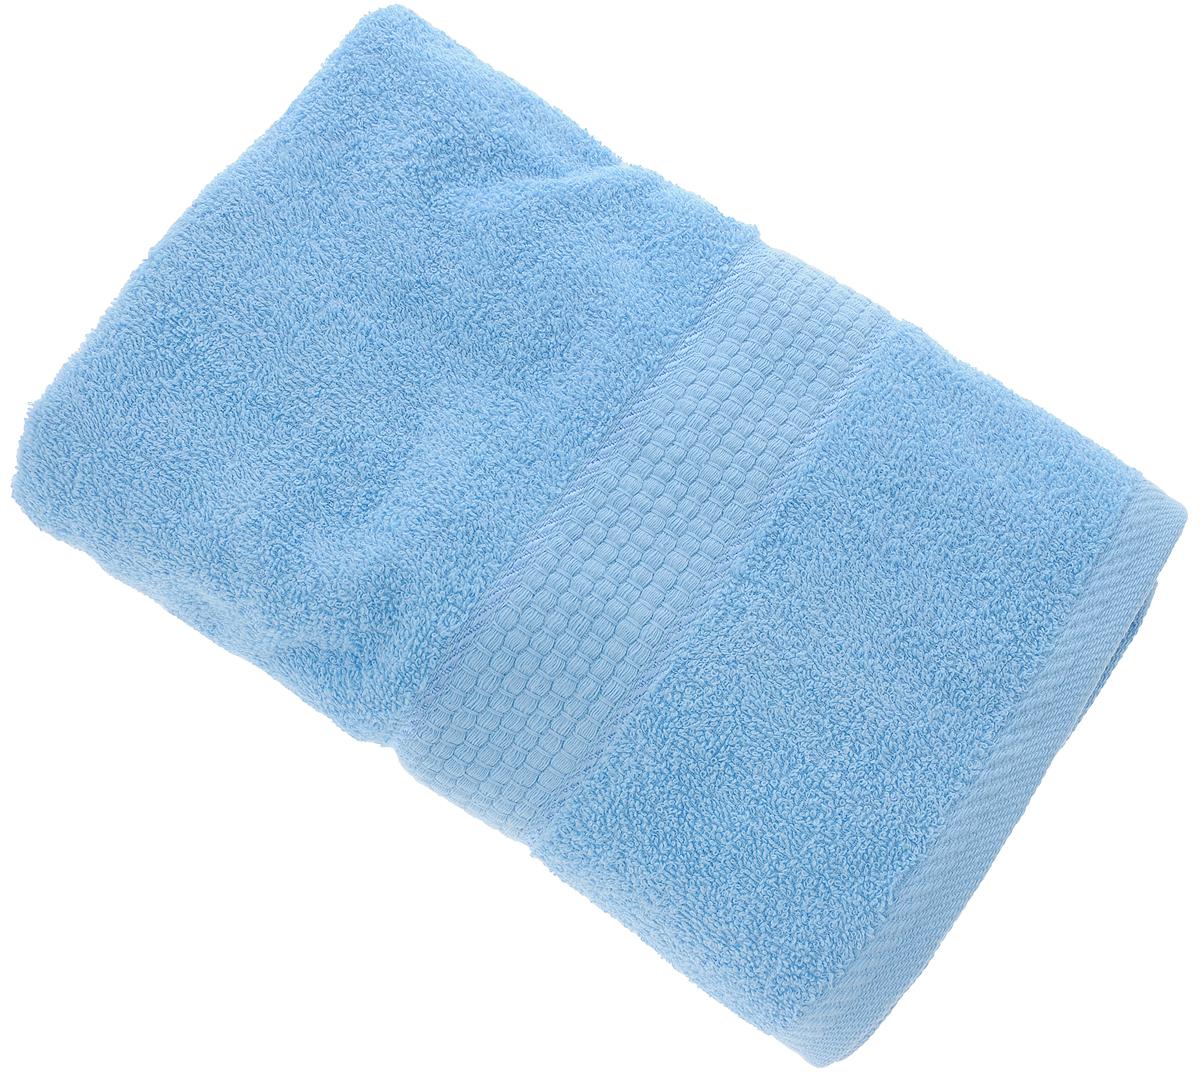 Полотенце Aisha Home Textile, цвет: голубой, 70 х 140 смУзТ-ПМ-114-08-06кМахровые полотенца AISHA Home Textile идеальное сочетание цены и качества. Полотенца упакованы в стильную подарочную коробку. В состав входит только натуральное волокно - хлопок. Лаконичные бордюры подойдут для любого интерьера ванной комнаты. Полотенца прекрасно впитывает влагу и быстро сохнут. При соблюдении рекомендаций по уходу не линяют и не теряют форму даже после многократных стирок.Состав: 100% хлопок.